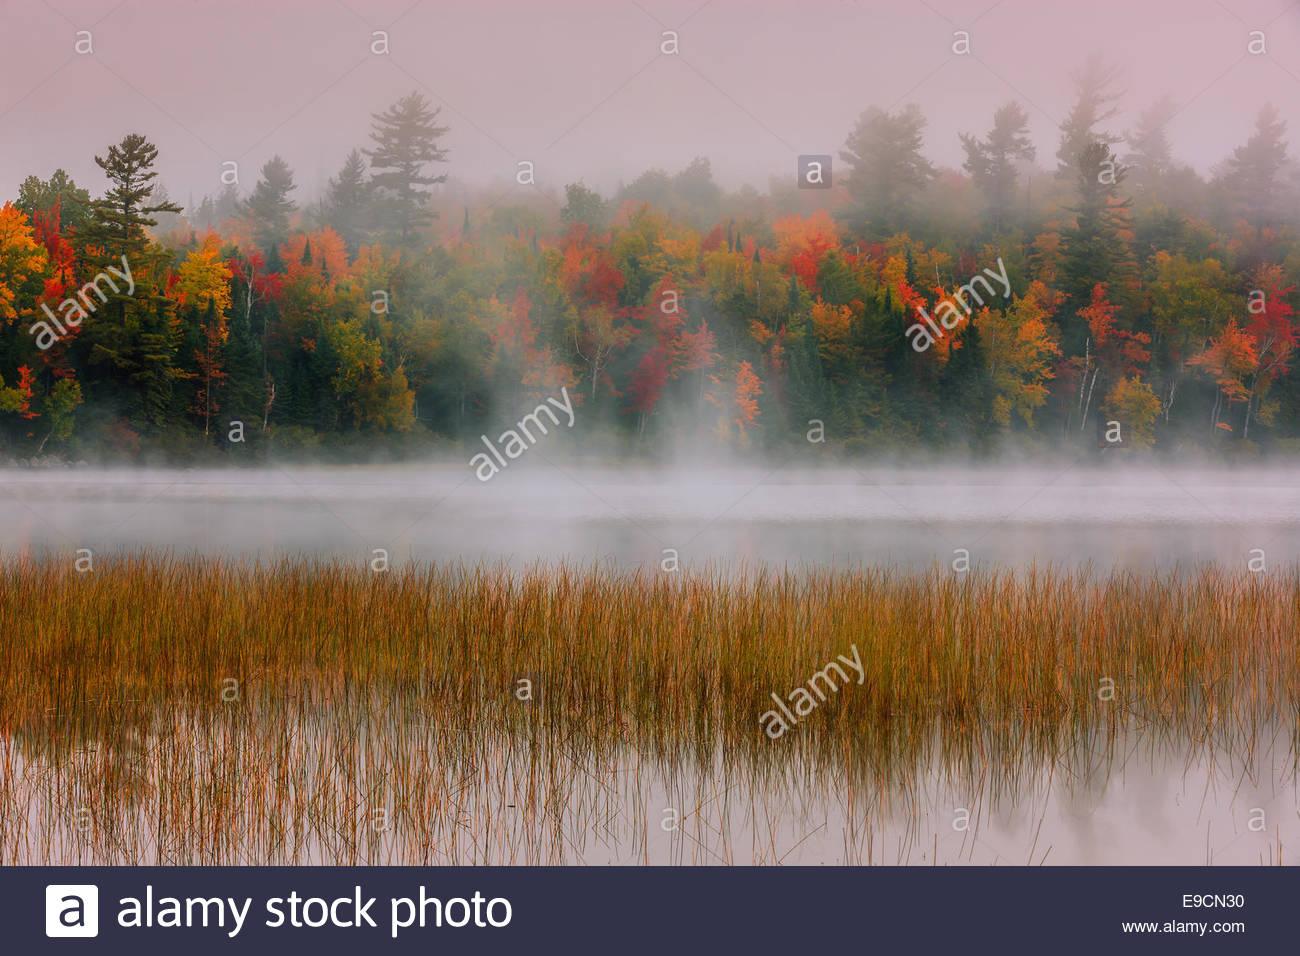 Connery Pond en Adirondack State Park, cerca de Lake Placid en la parte norte del estado de Nueva York, EE.UU. Imagen De Stock